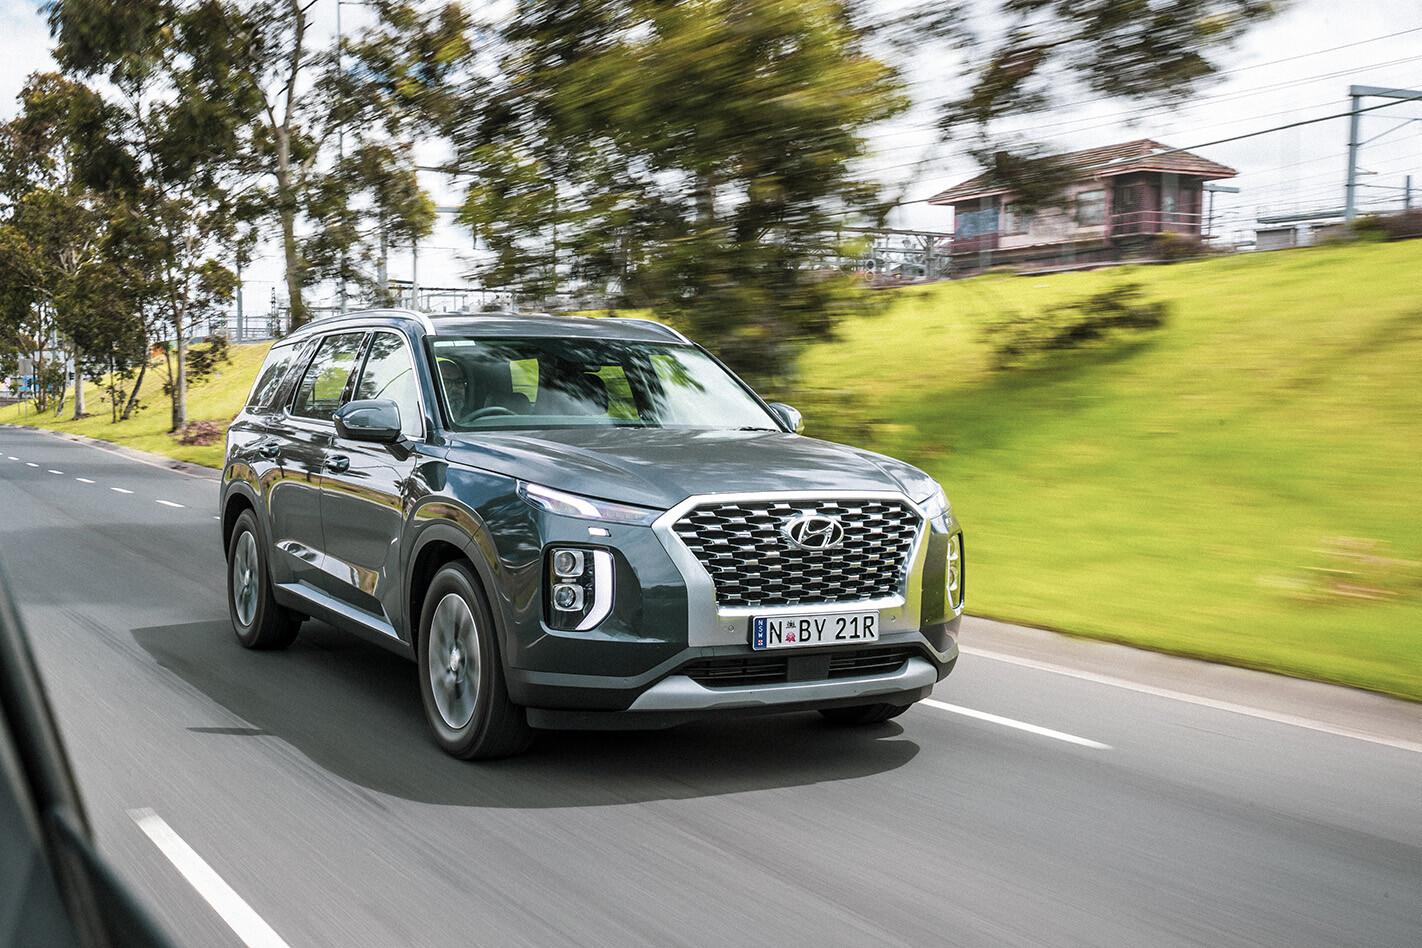 2021 Hyundai Palisade 3.6L review